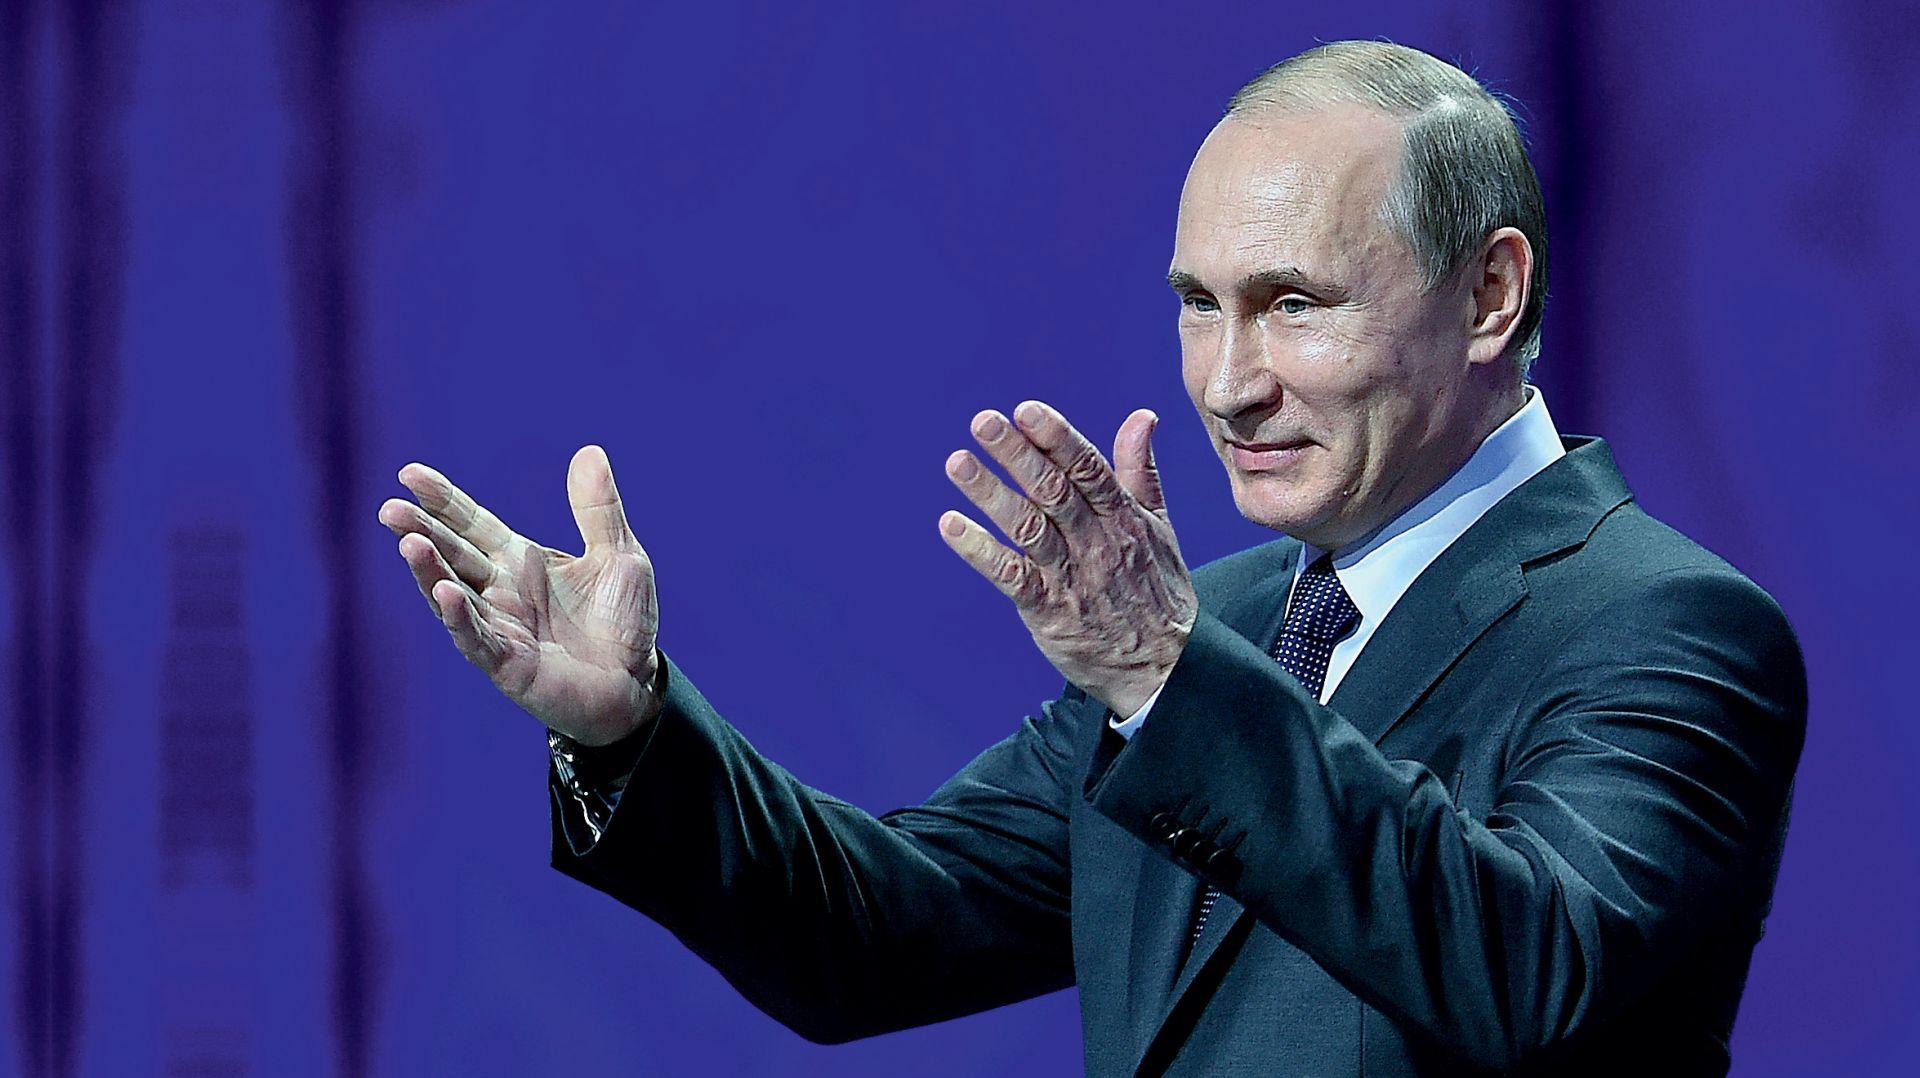 Putinov konačni obračun s neovisnim medijima u Rusiji